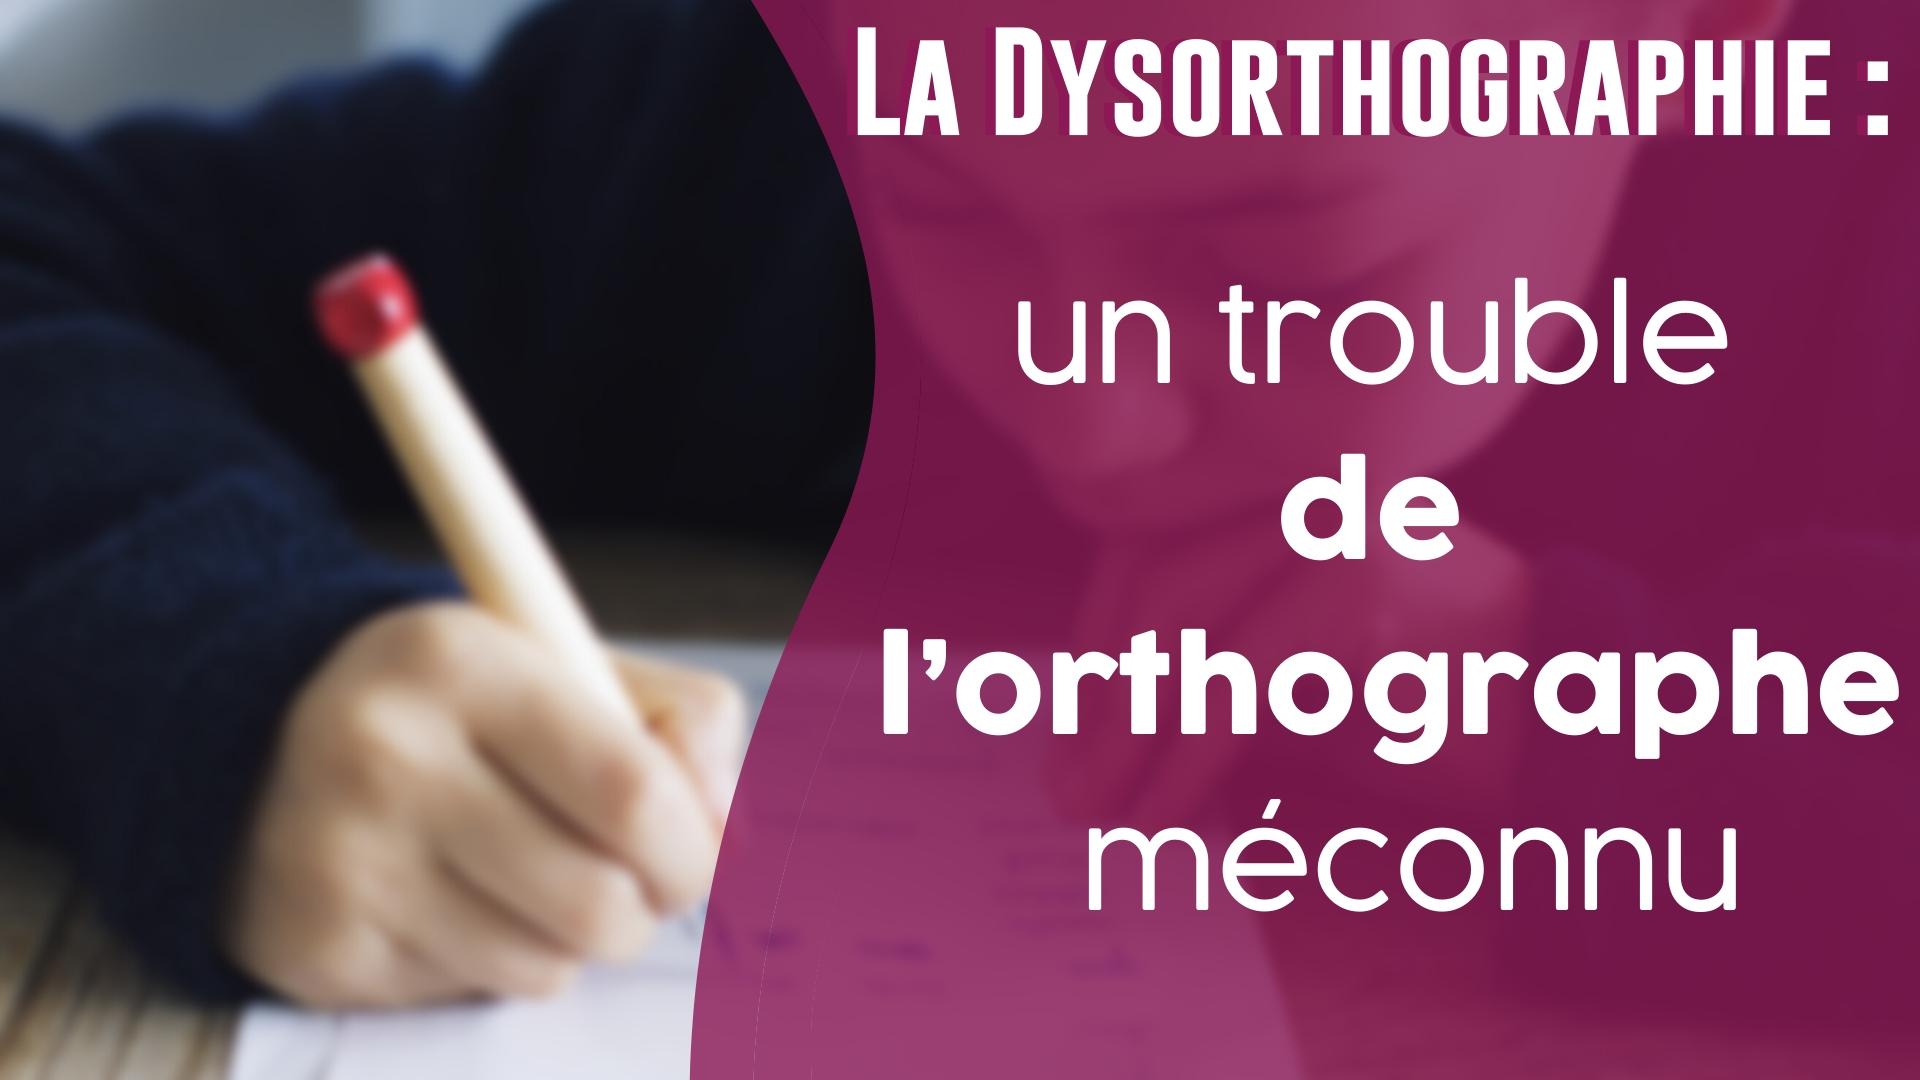 Dysorthographie : un trouble de l\'orthographe méconnu